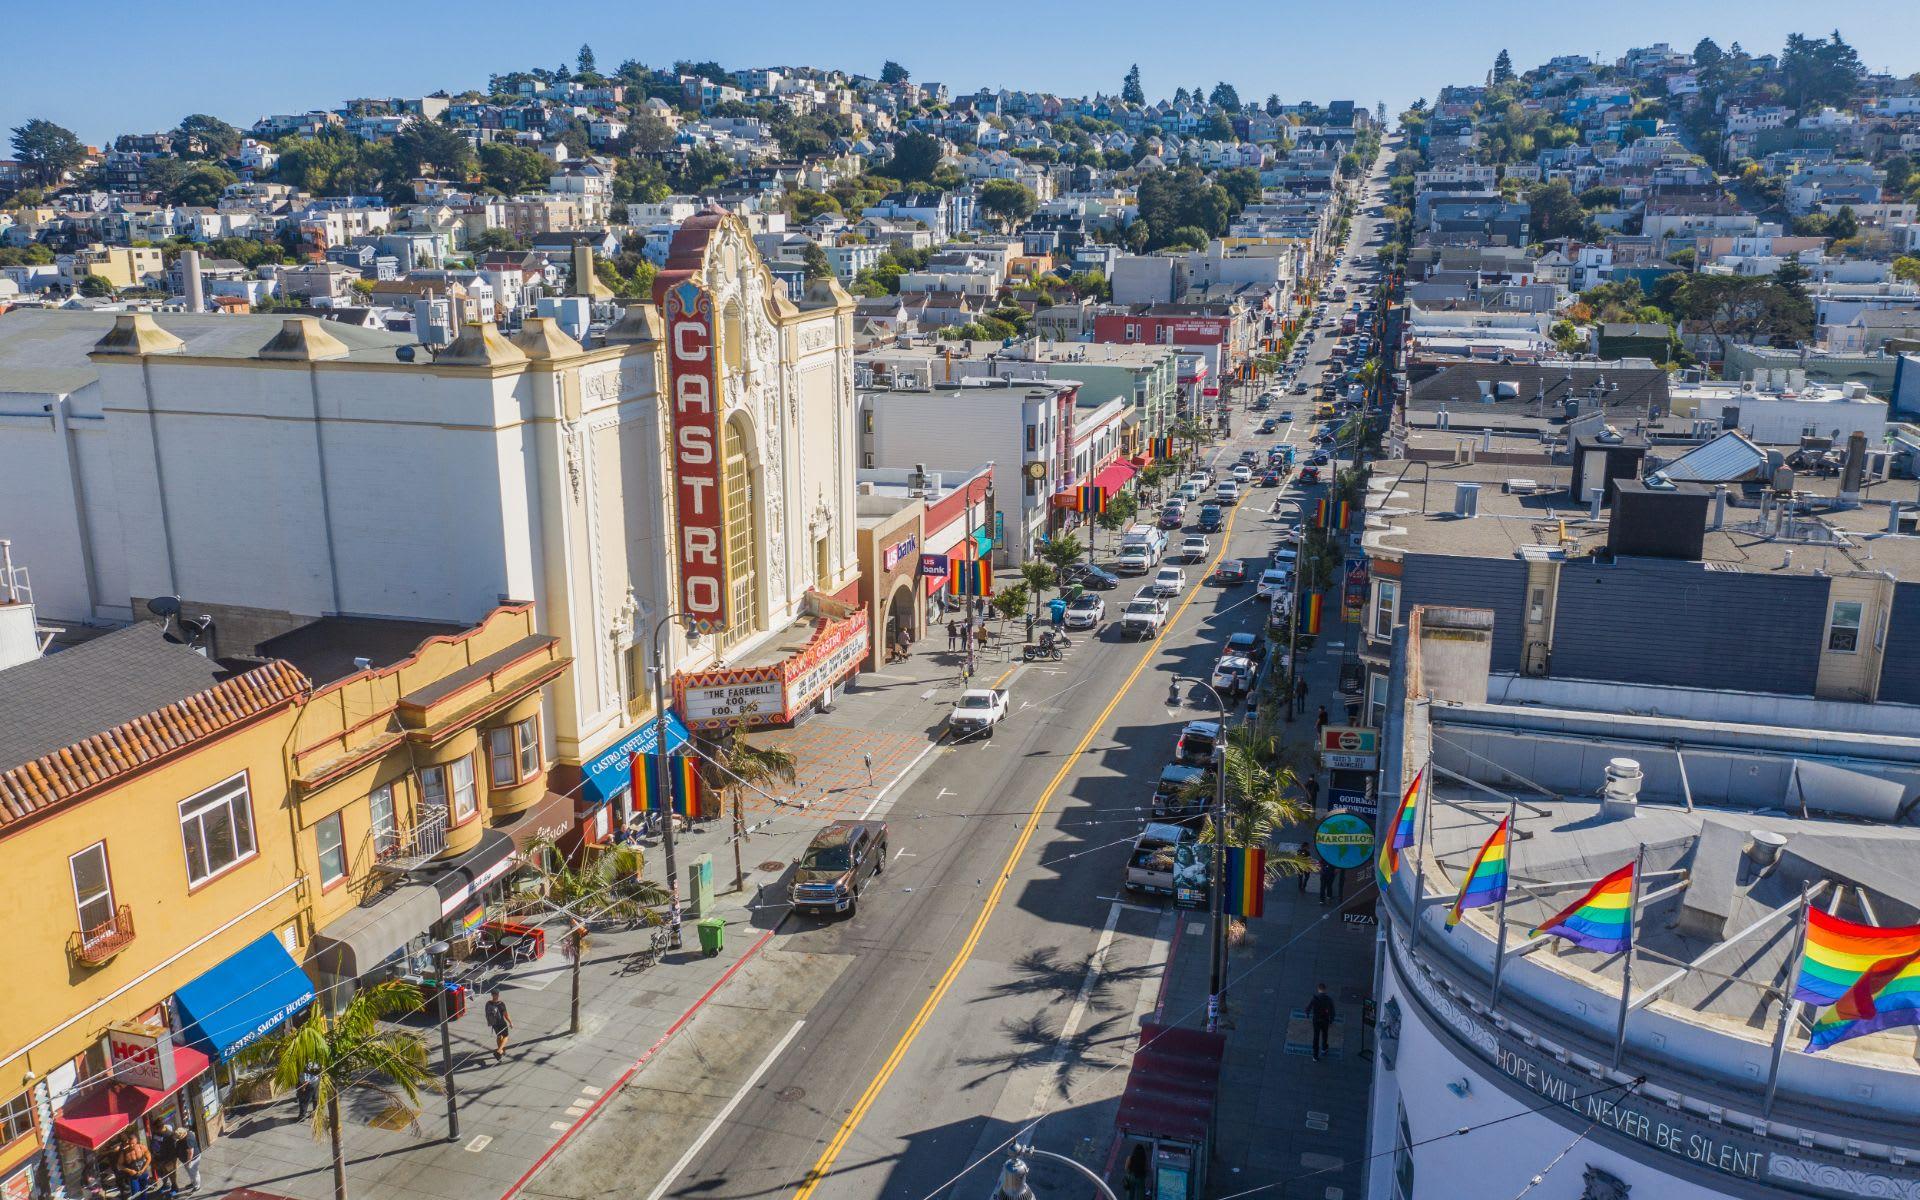 346 Castro St photo